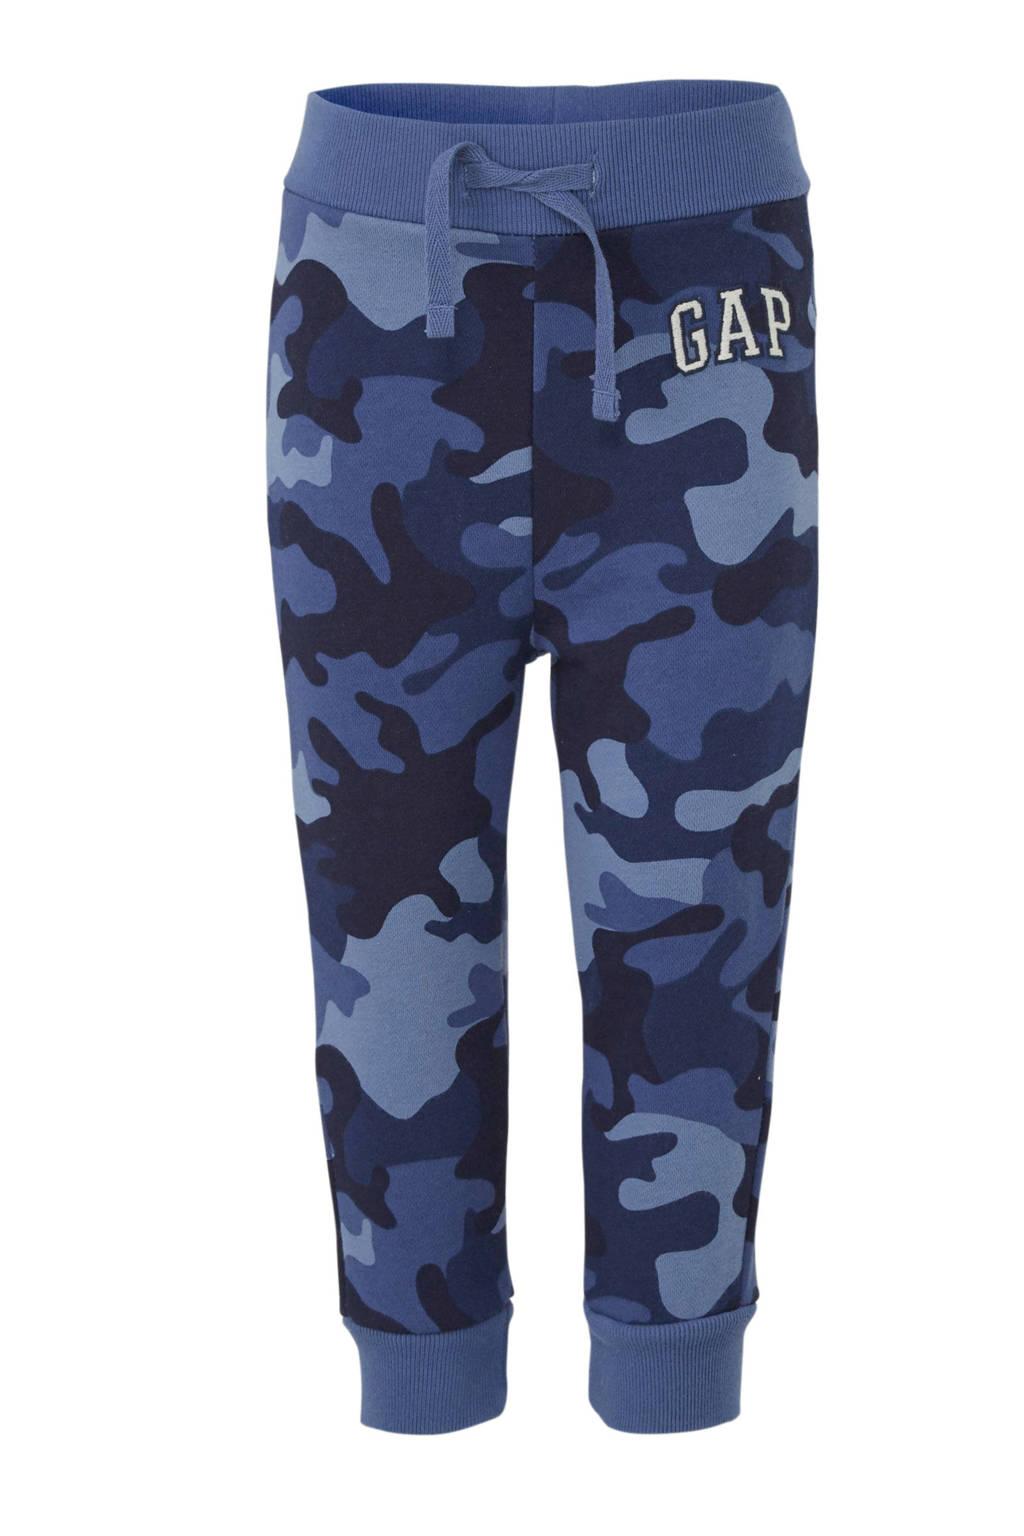 GAP joggingbroek met camouflageprint blauw/donkerblauw, Blauw/donkerblauw